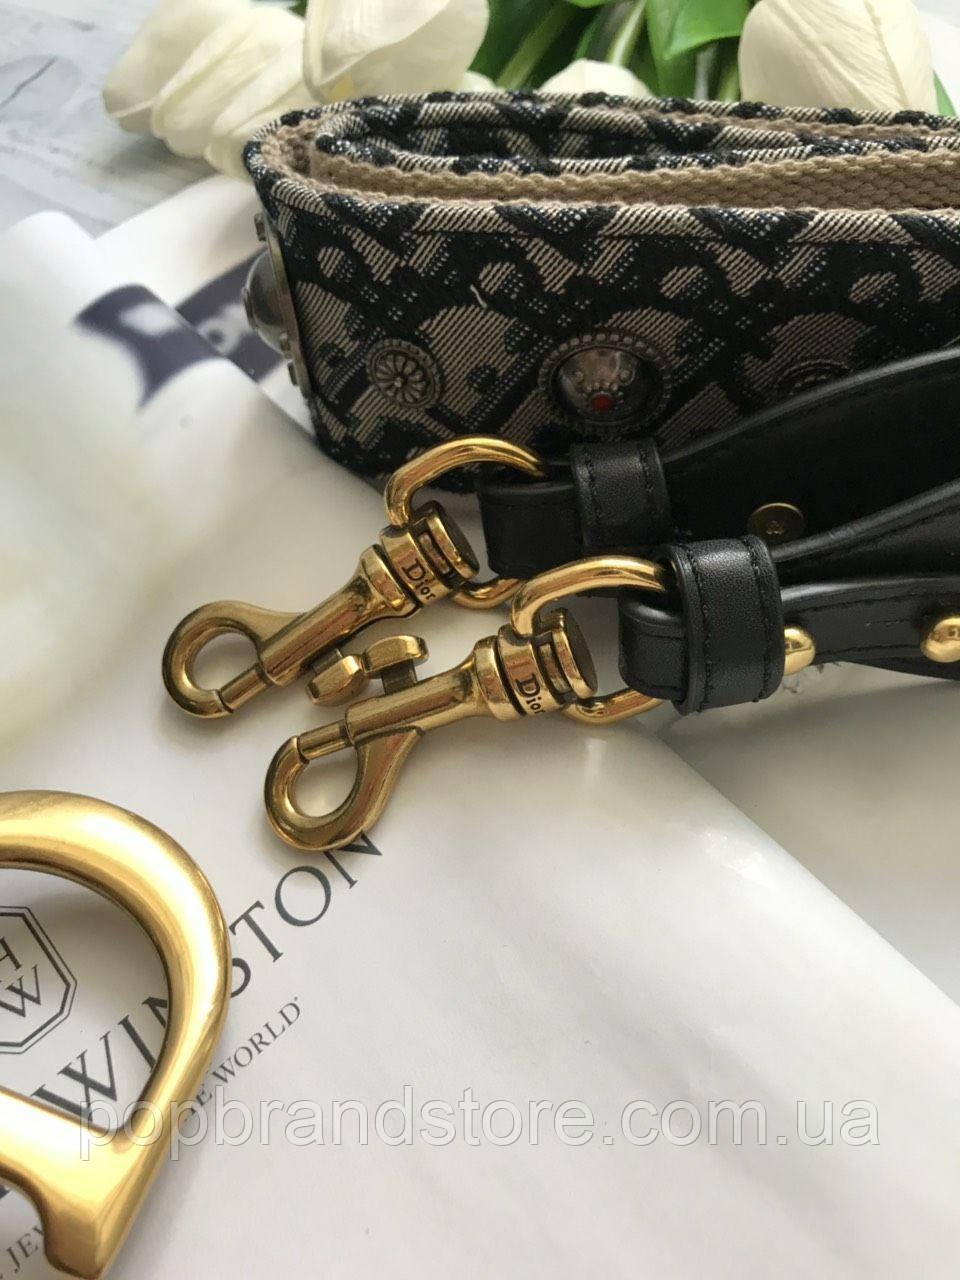 1ce01f9453e3 Стильнаяженская сумочка Dior SADDLE BAG (реплика), цена 3 700 грн., купить  в Киеве — Prom.ua (ID#782211094)